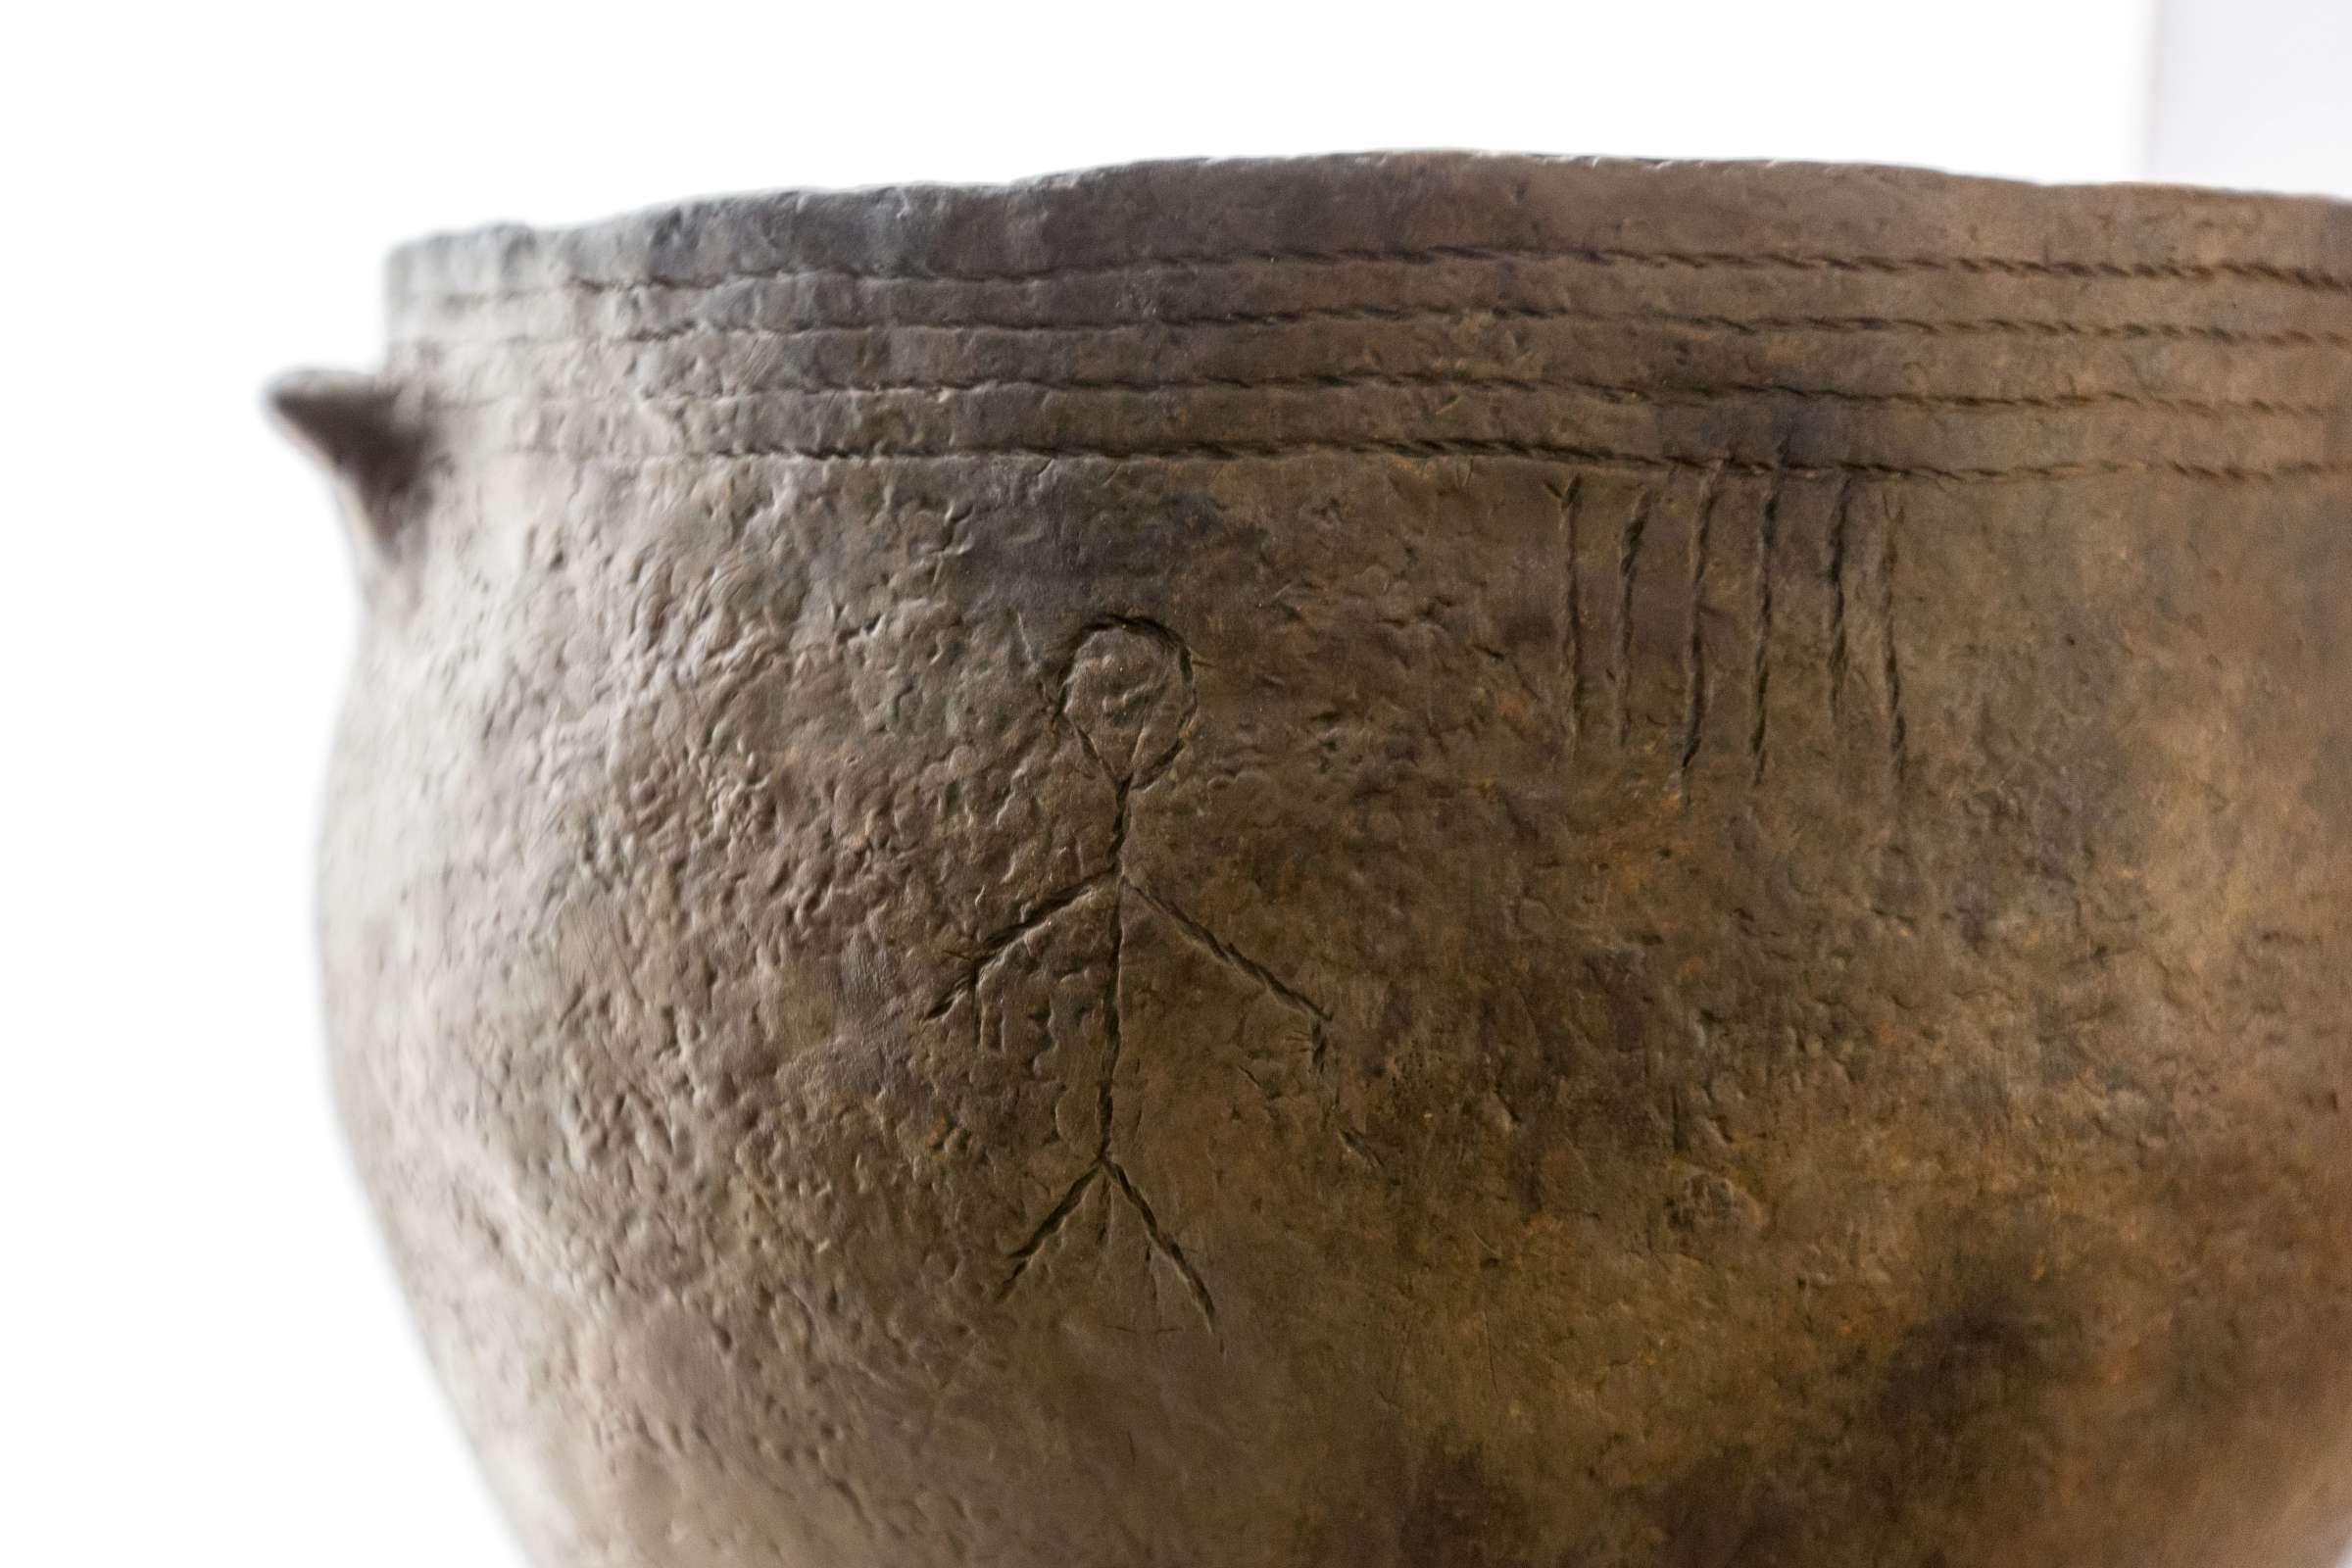 Adomėliu pramintas ant puodo vaizduojamas žmogus - seniausias siužetinės dailės pavyzdys Lietuvoje (L. Penek, LNM nuotr.)-2400